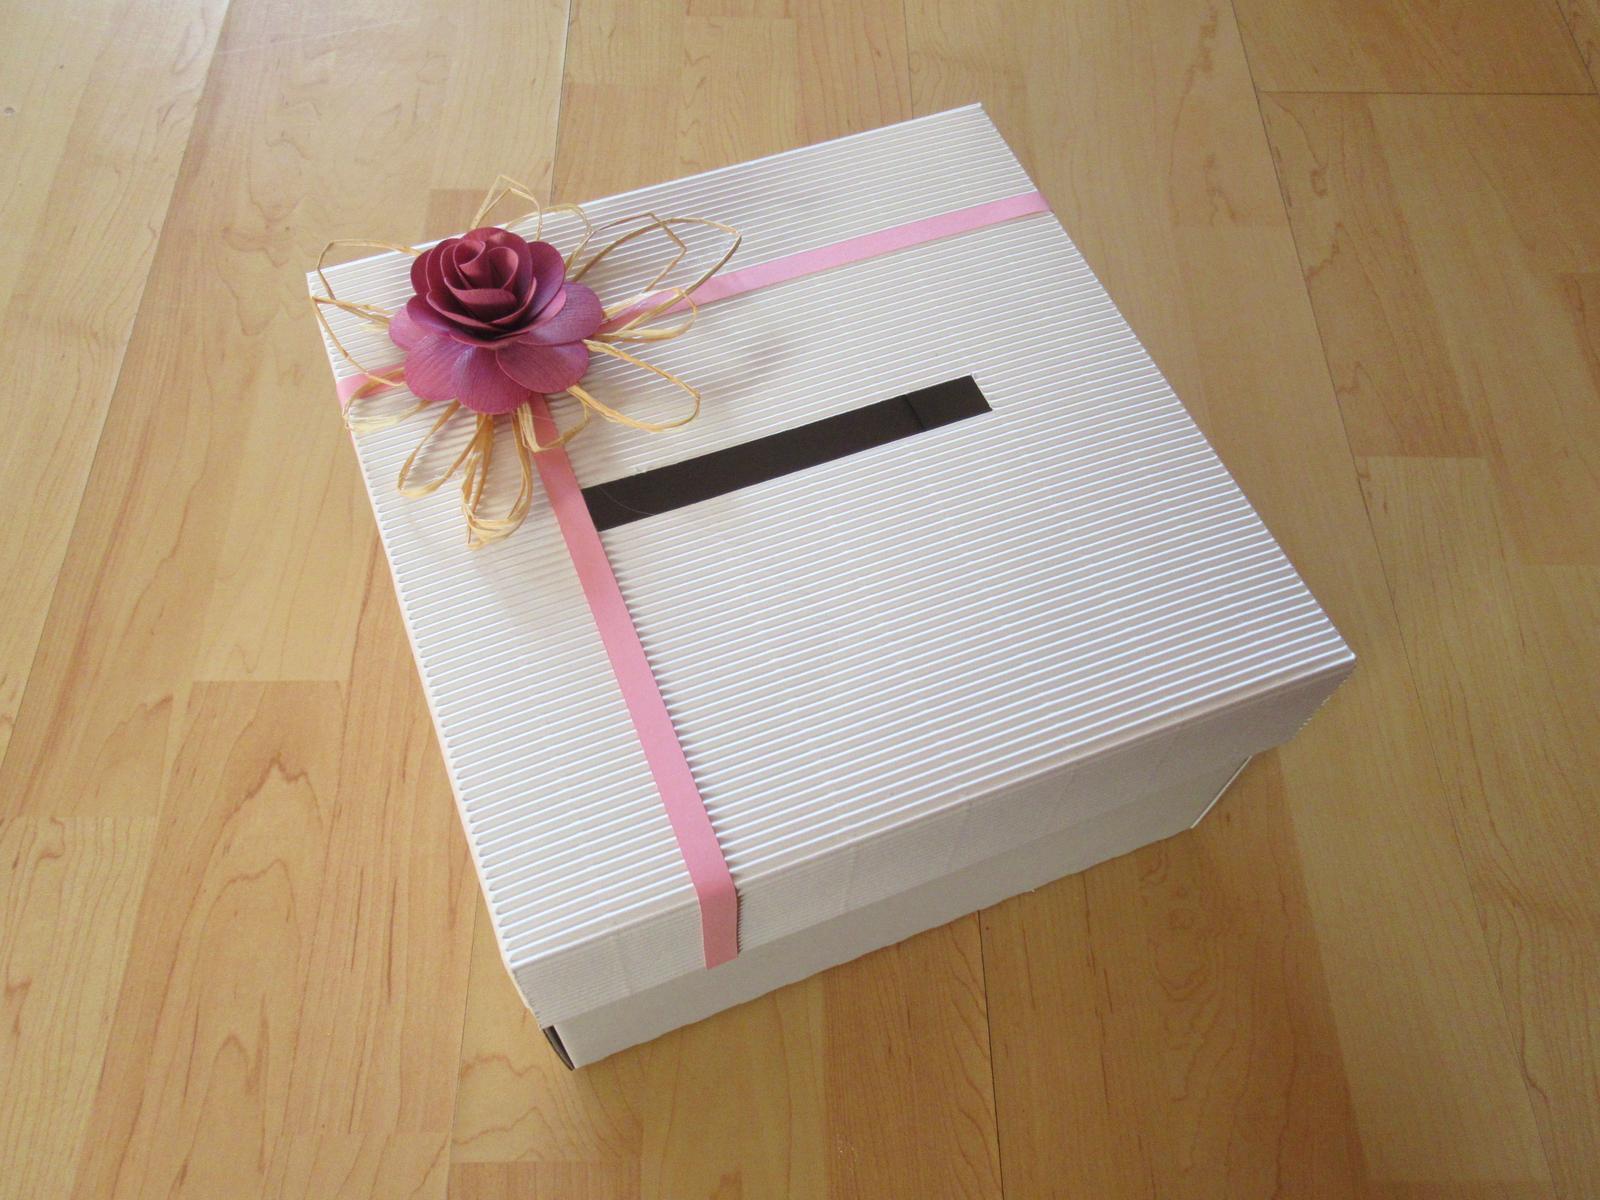 Krabička na přání (pokladnička) - Obrázek č. 1